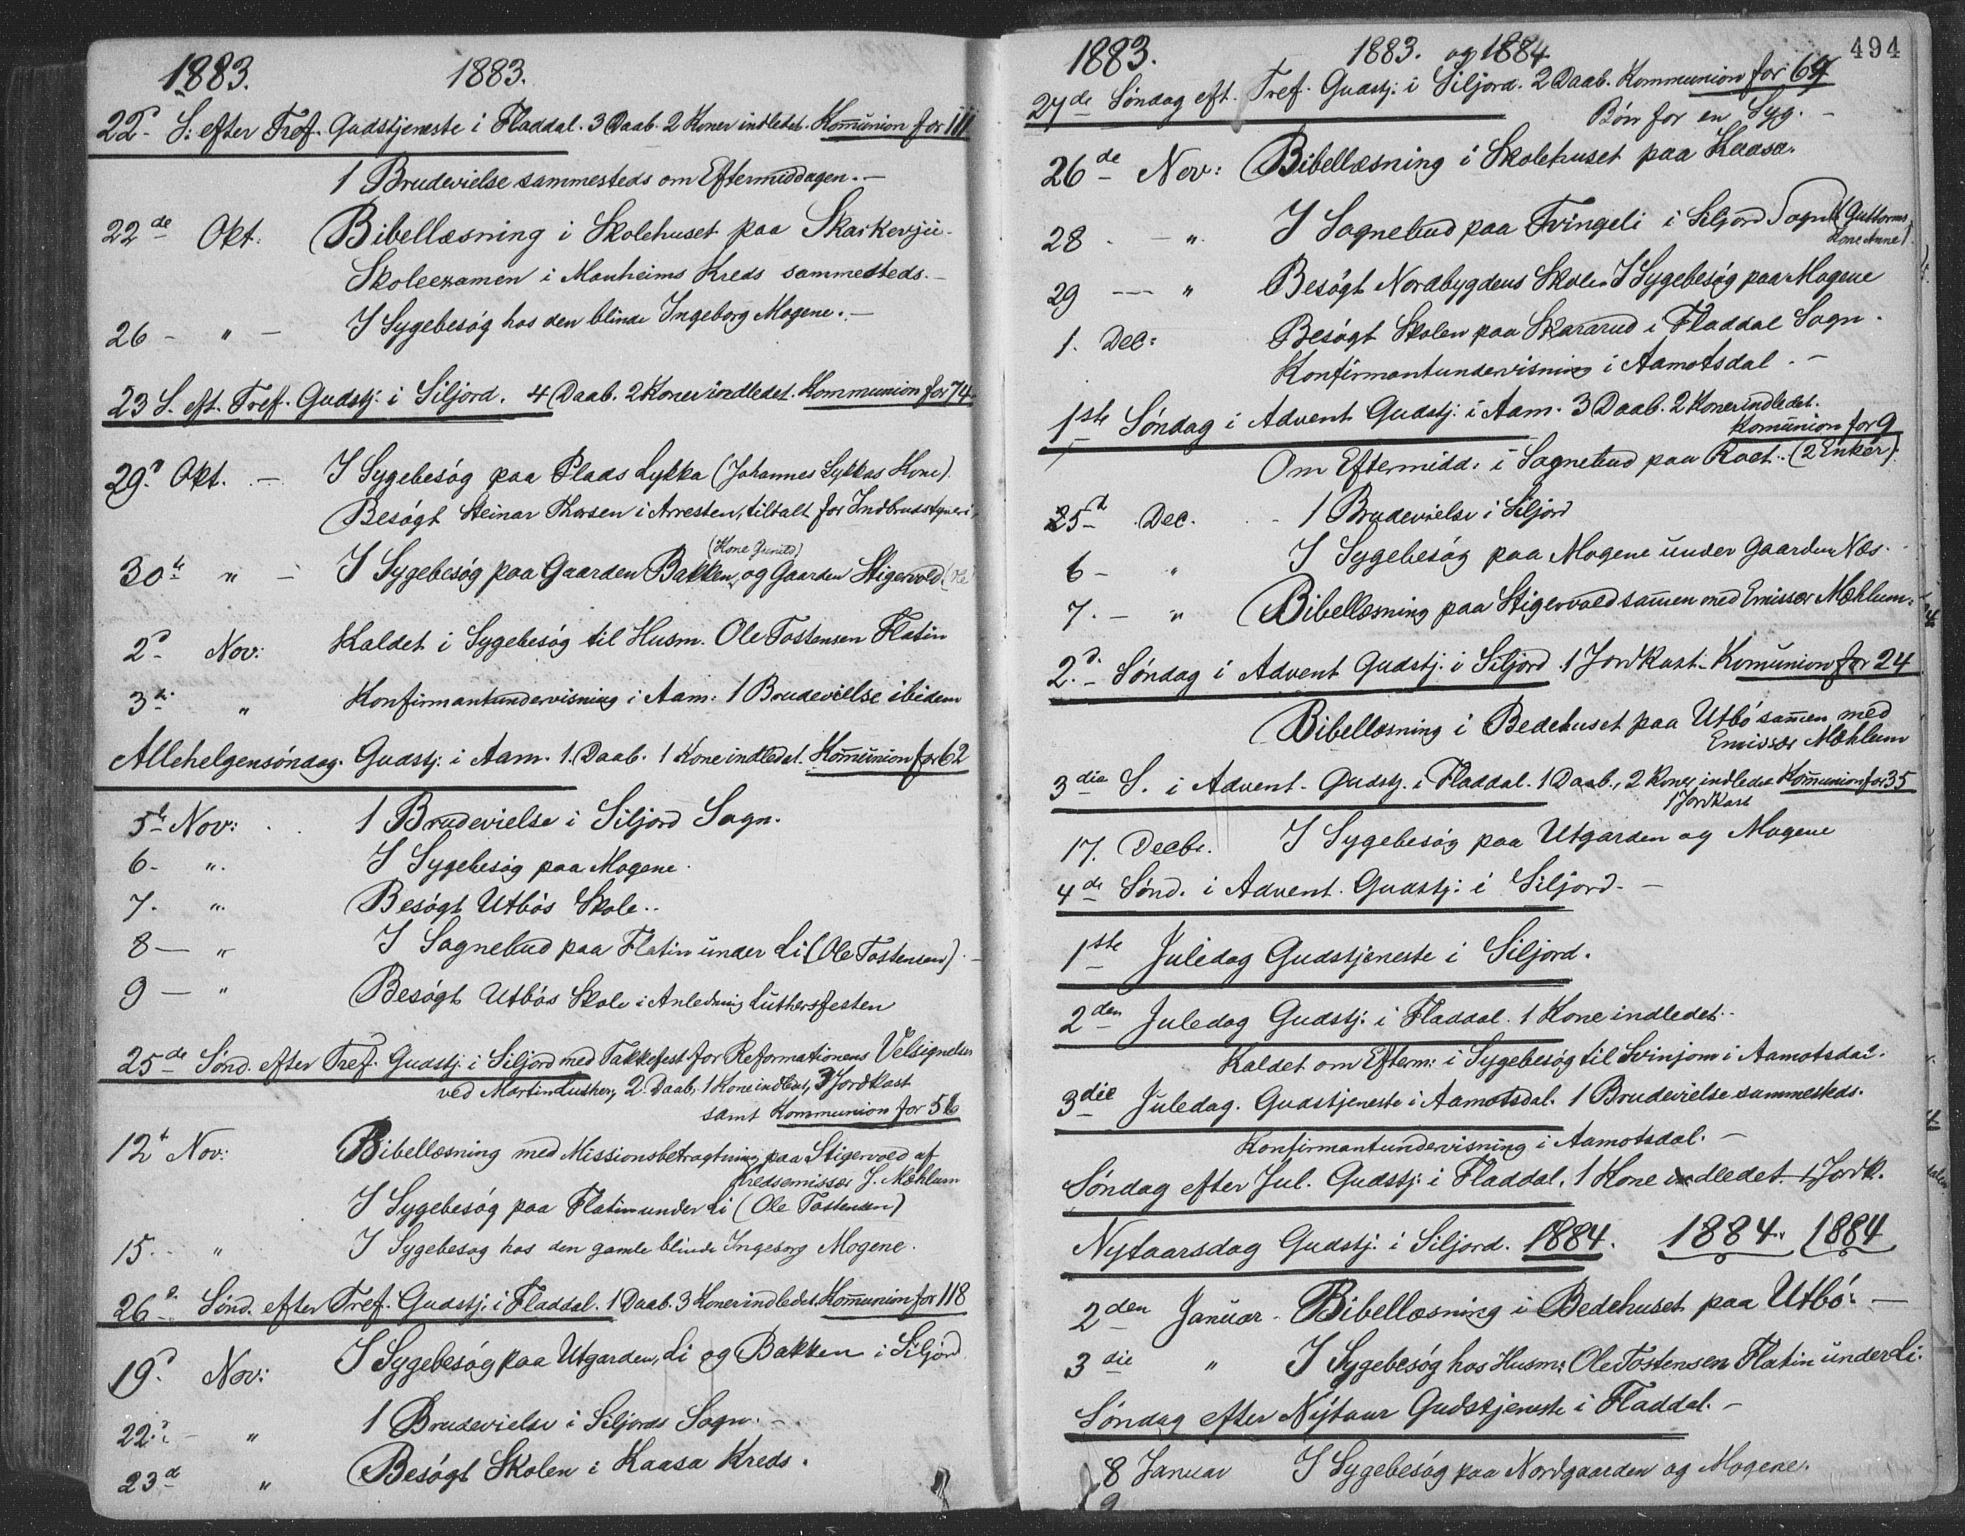 SAKO, Seljord kirkebøker, F/Fa/L0014: Ministerialbok nr. I 14, 1877-1886, s. 494